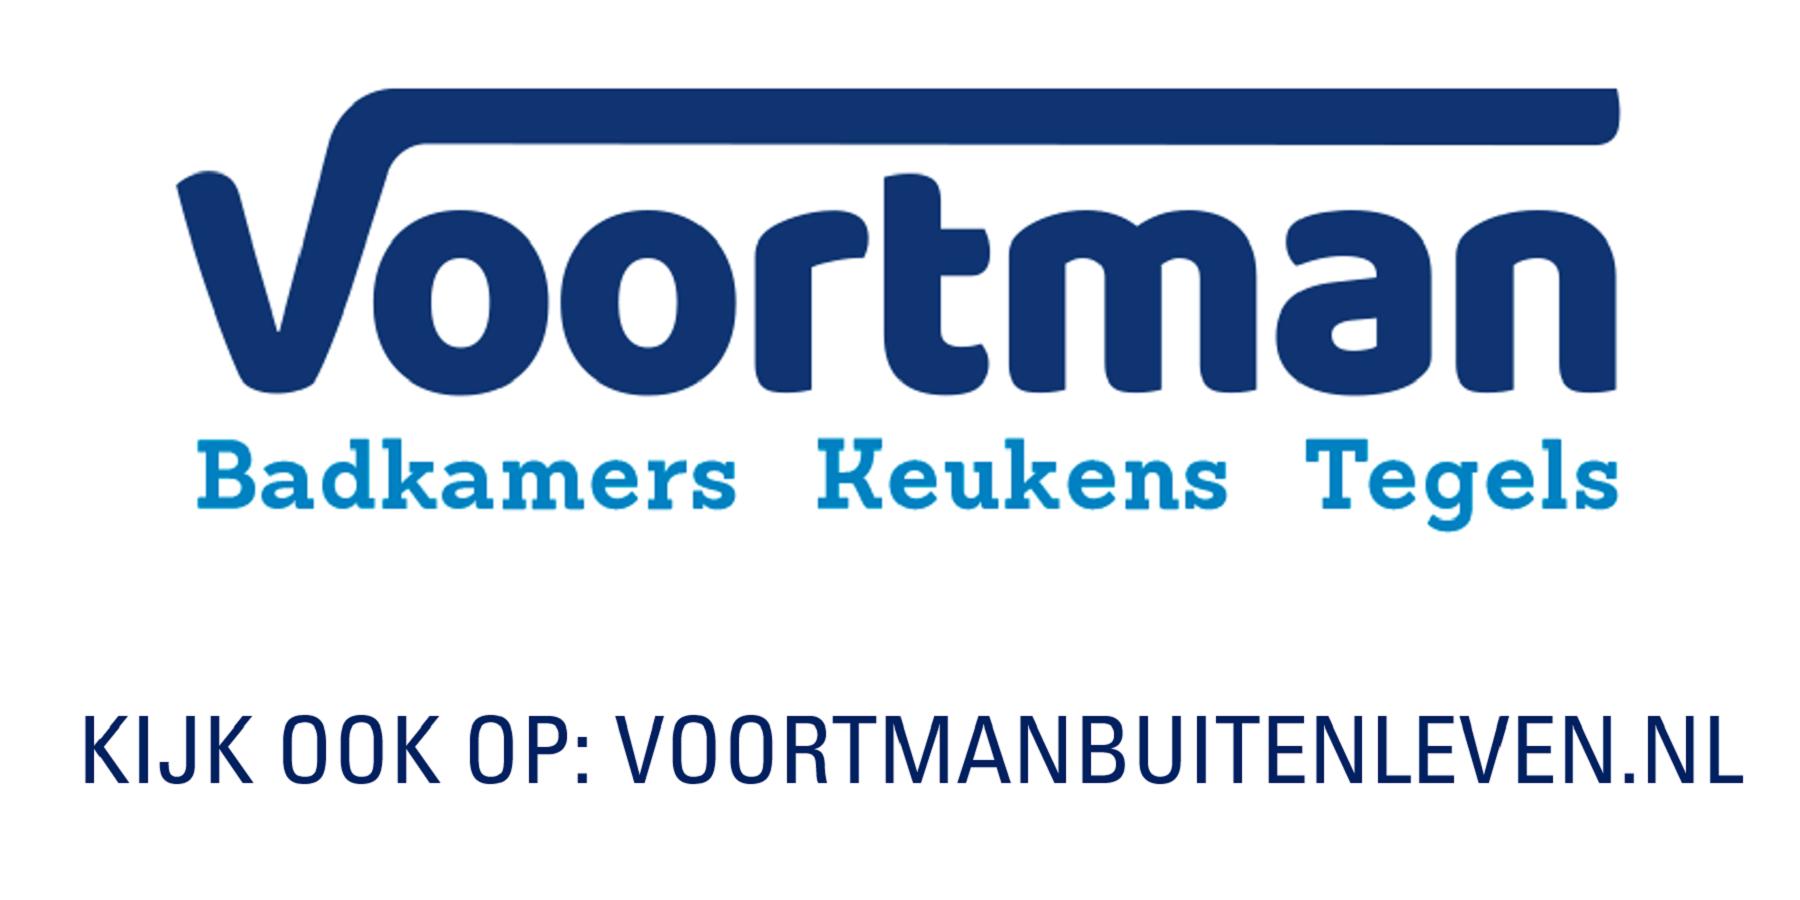 Voortman